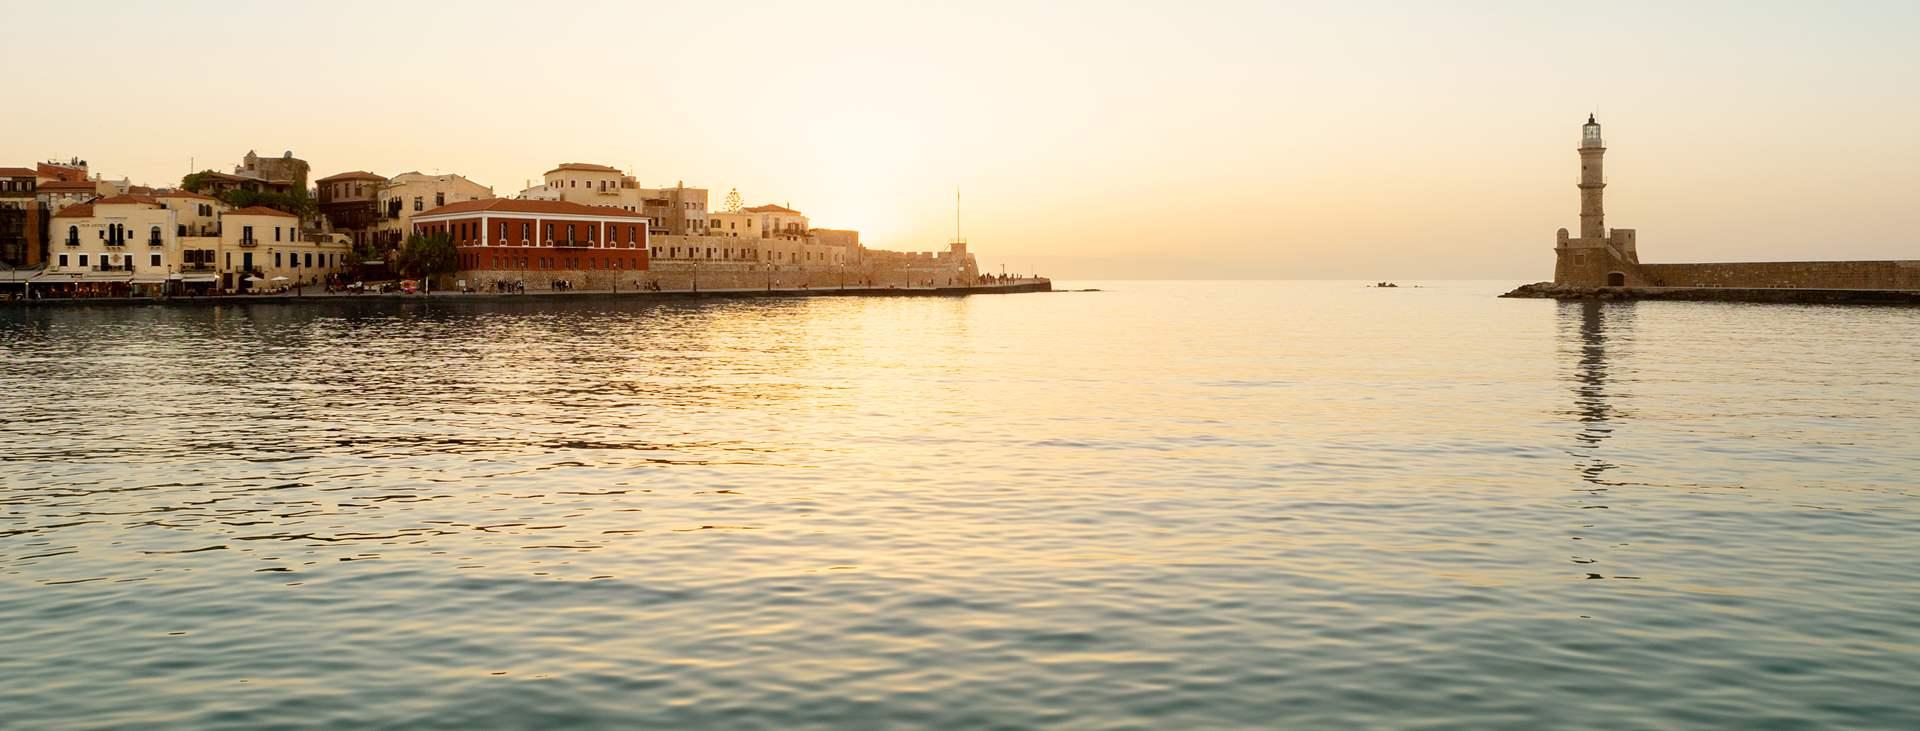 Bestill en reise til Chania by på Kreta med Ving